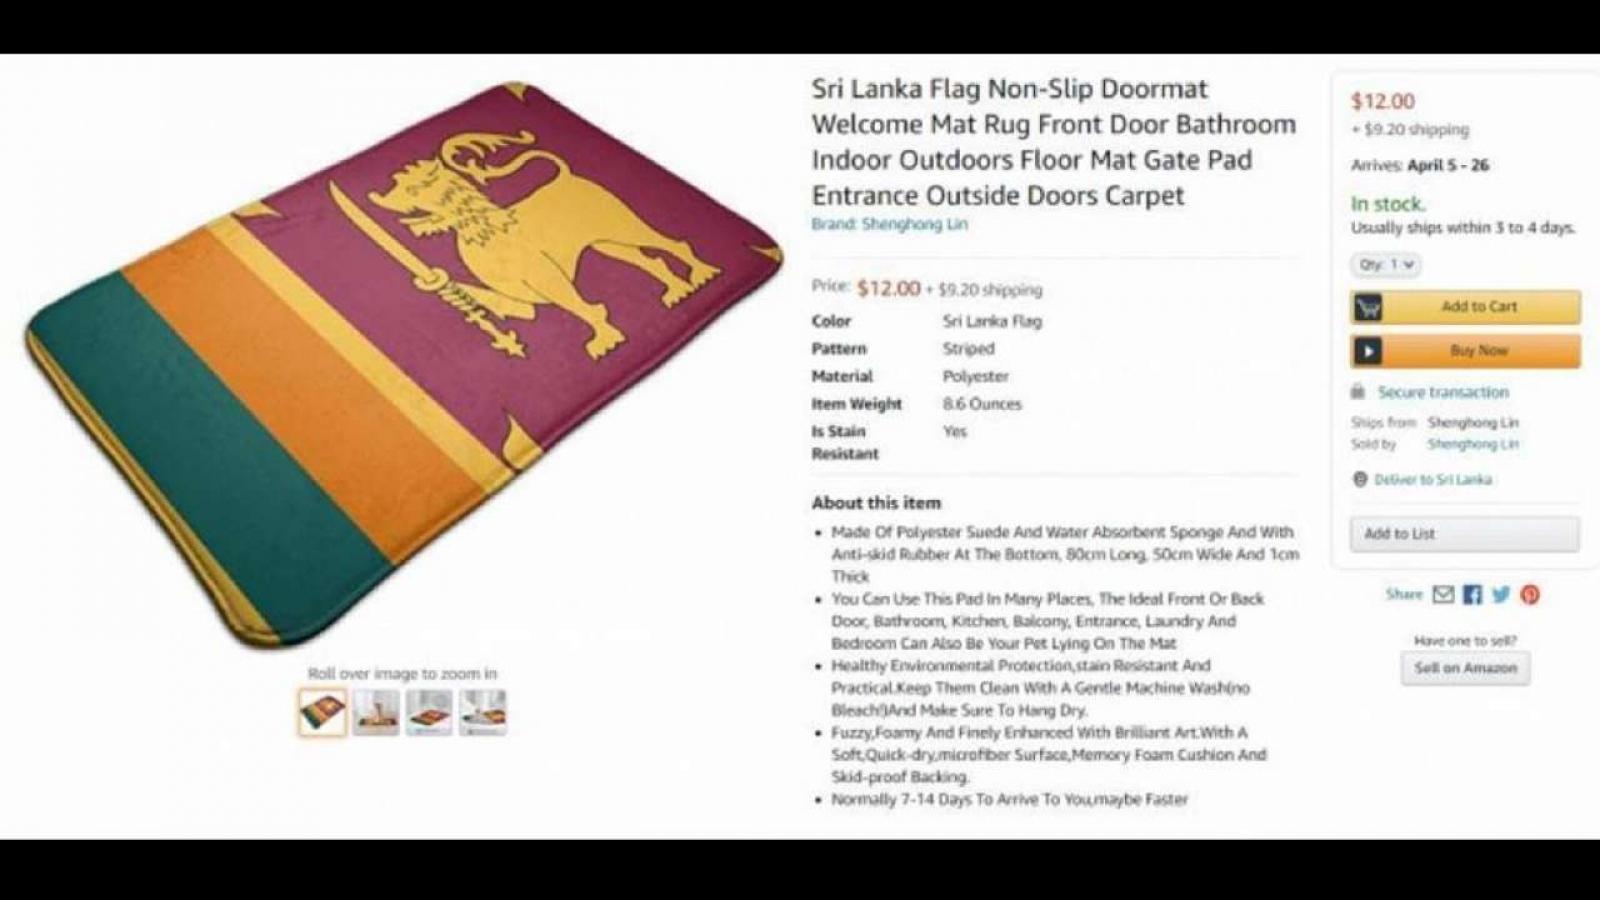 Quảng cáo thảm chùi chân mang hình quốc kỳ Sri Lanka bị gỡ khỏi trang Amazon